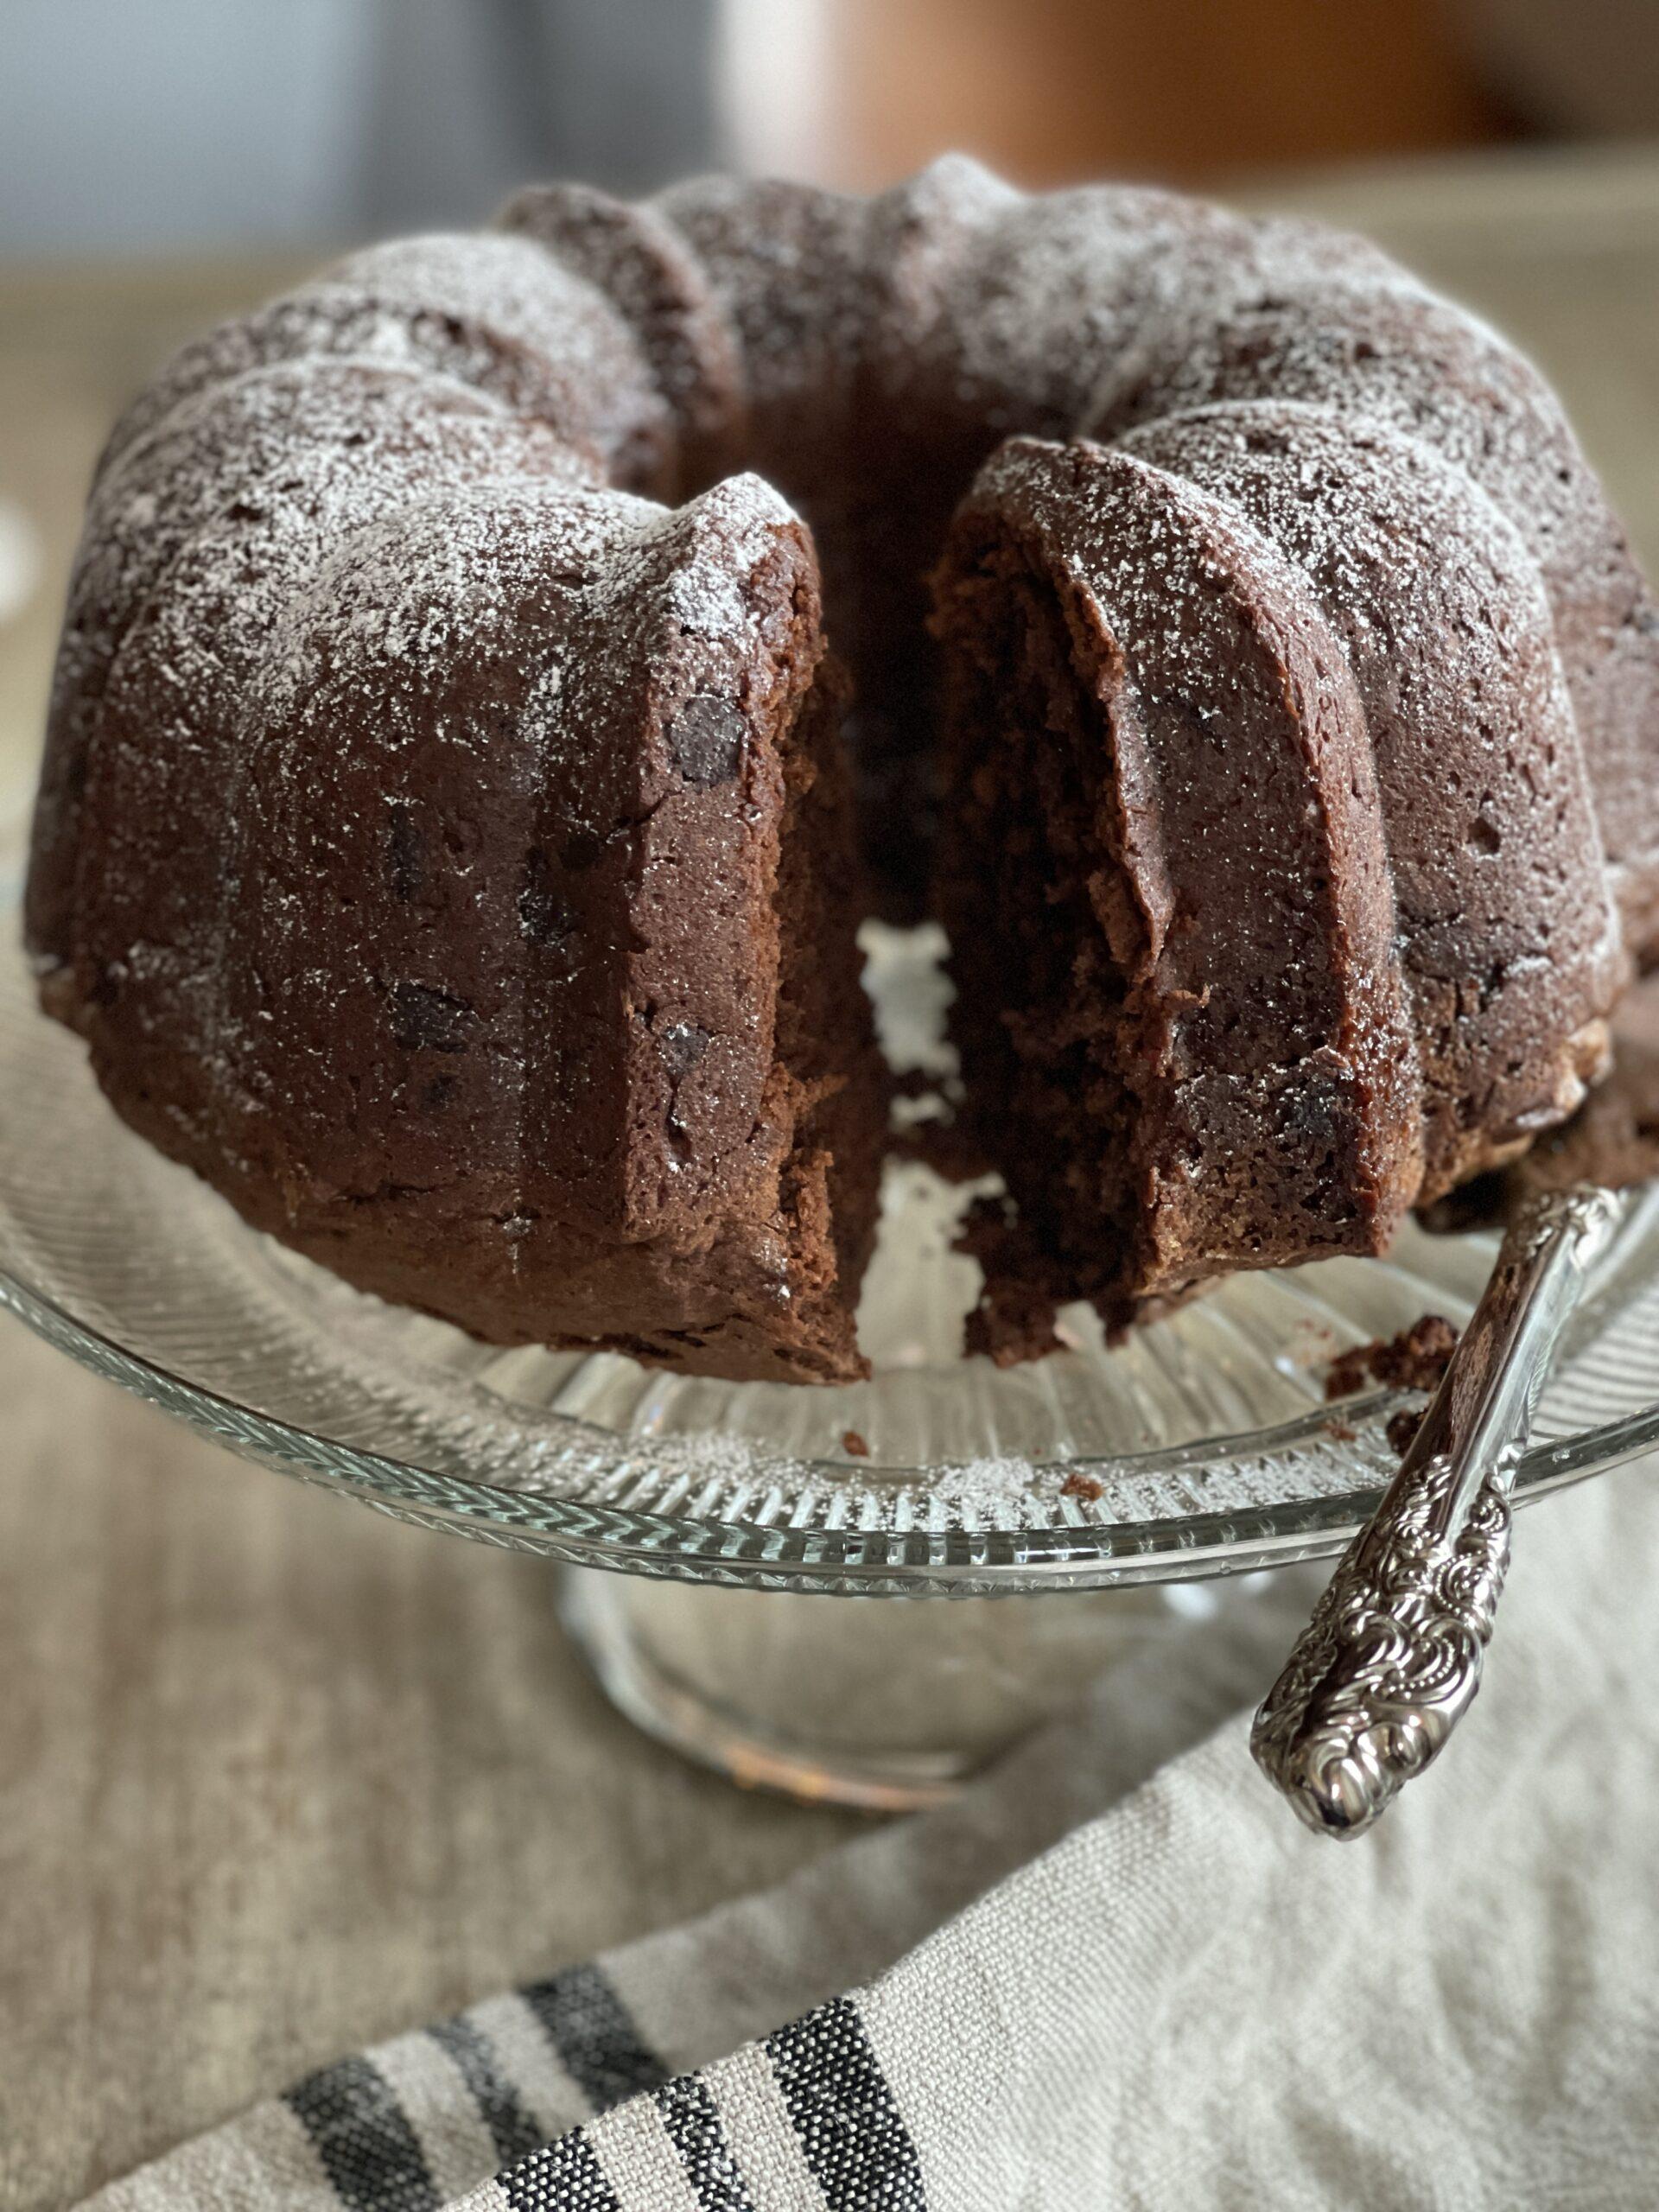 Finished gluten free Bundt Cake